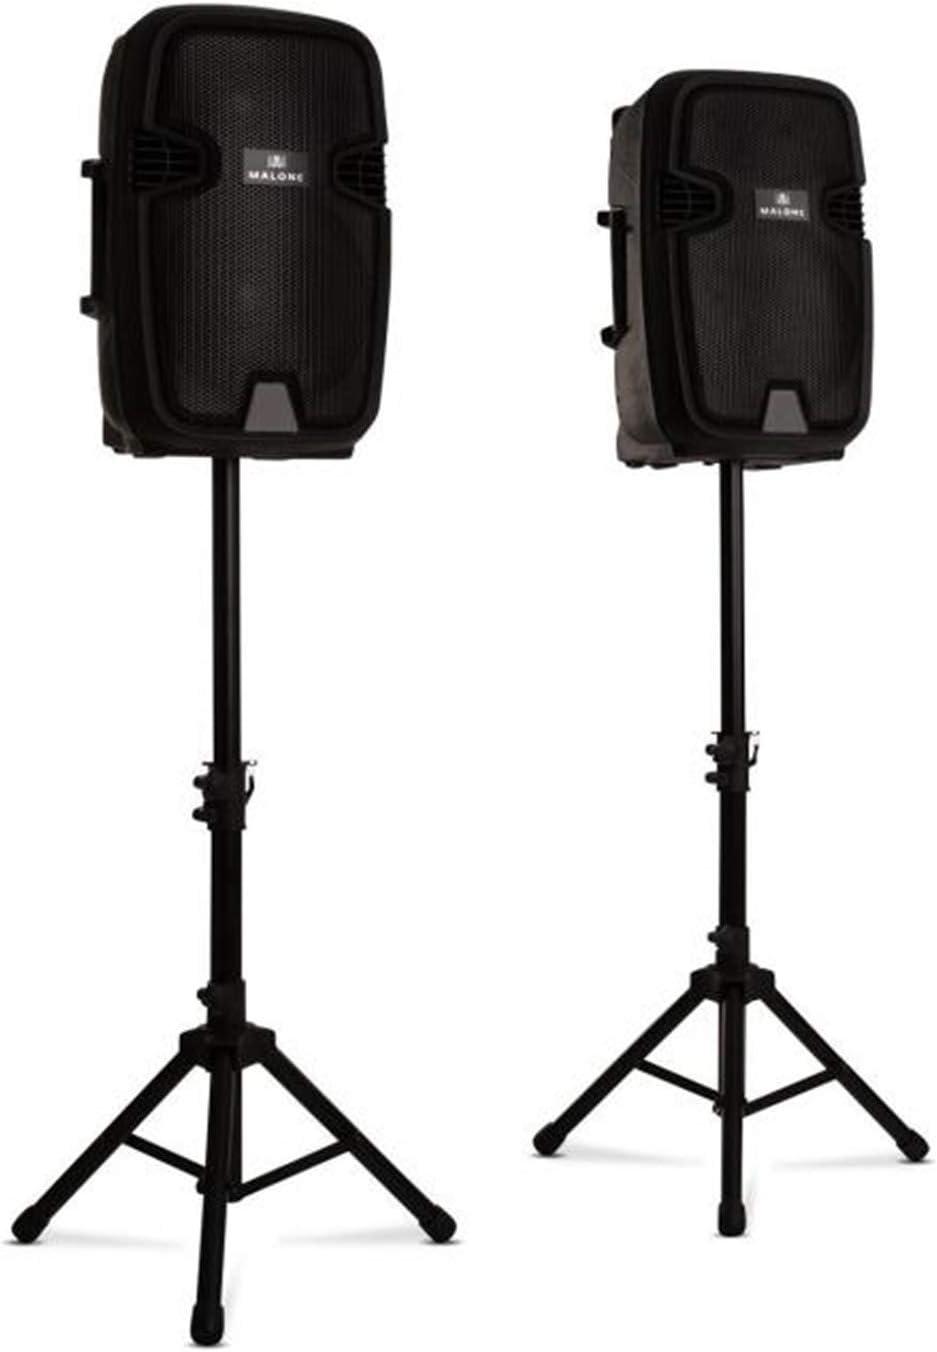 Malone Combo 1 - Juego de Altavoces de PA, Altavoces de Dos vías, Bluetooth, 30 cm, Activo y pasivo, 700 W, Incluye 2 Soportes para Altavoces, Negro